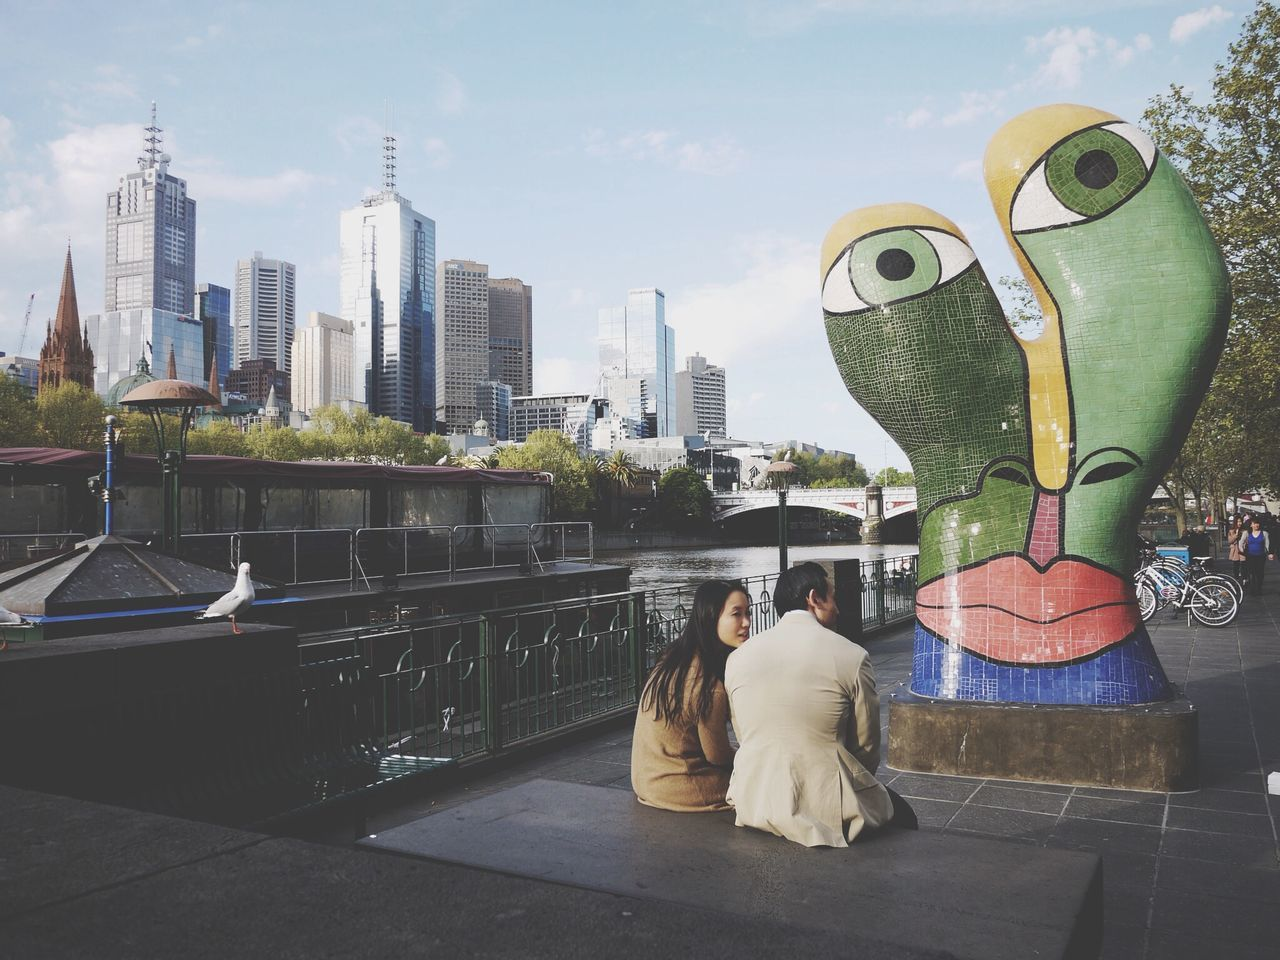 Yara River Eyes Flinders St #Melbourne Australia